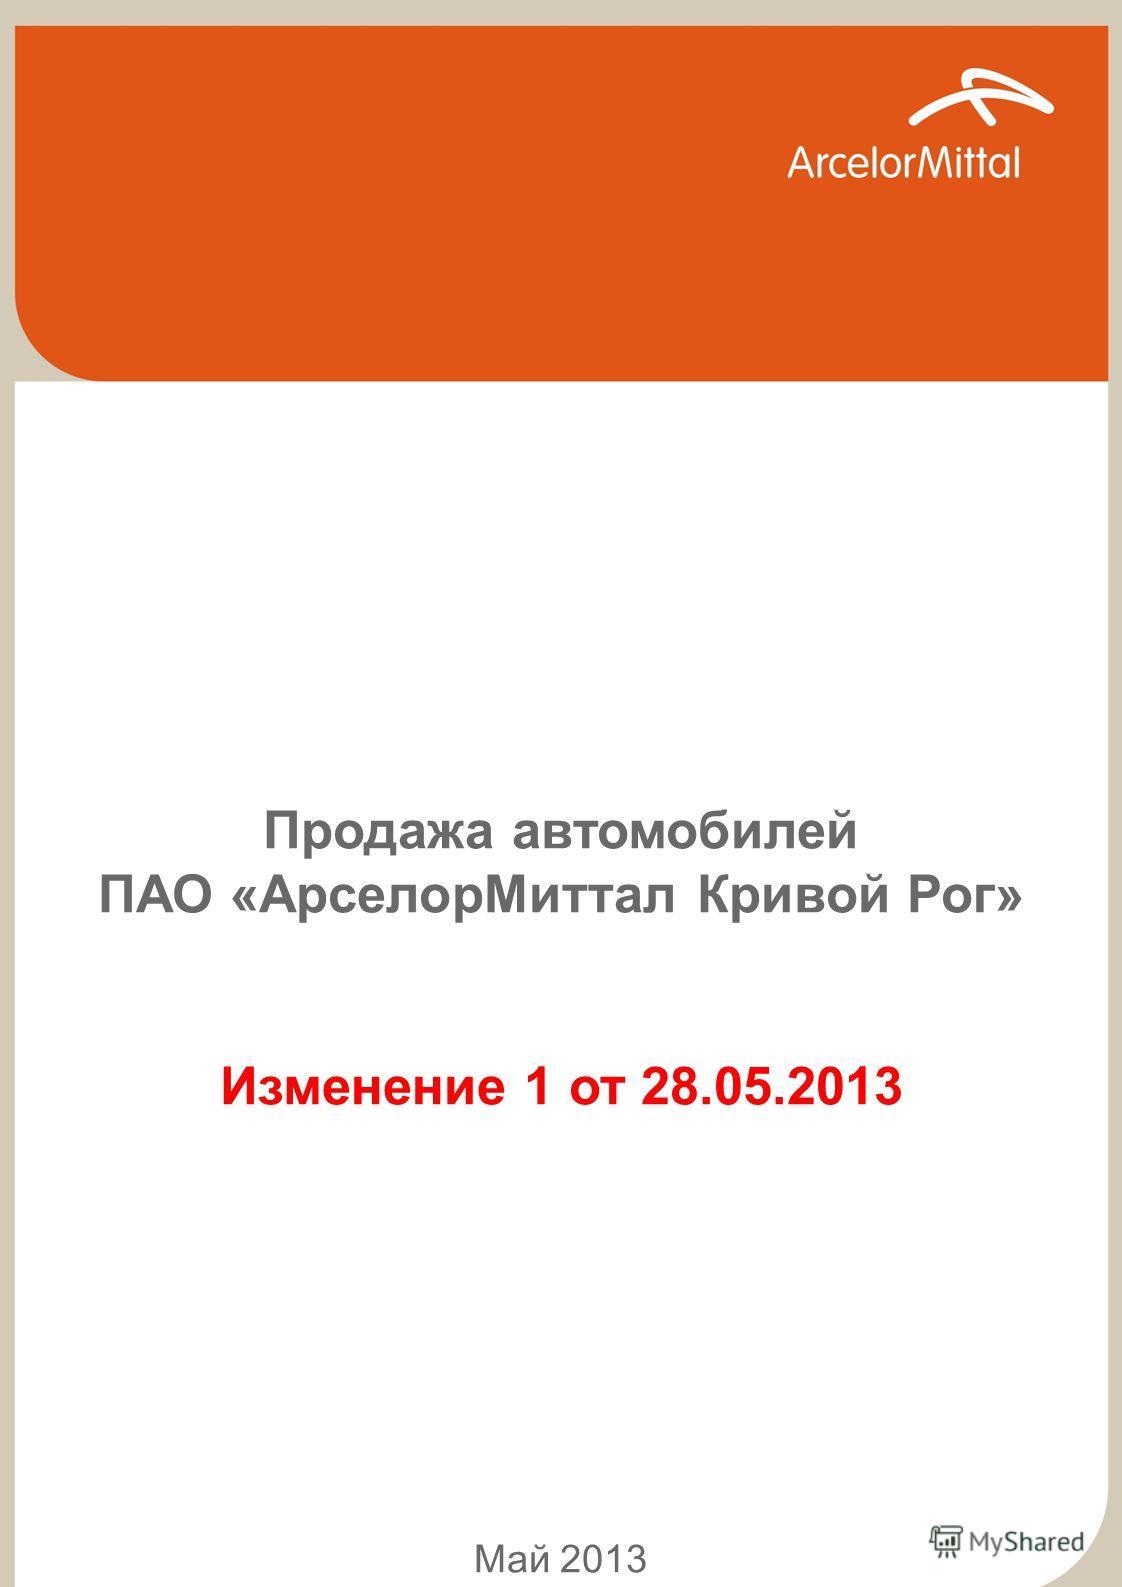 АВТОТРАНСПОРТ 1 Продажа автомобилей ПАО «АрселорМиттал Кривой Рог» Изменение 1 от 28.05.2013 Май 2013